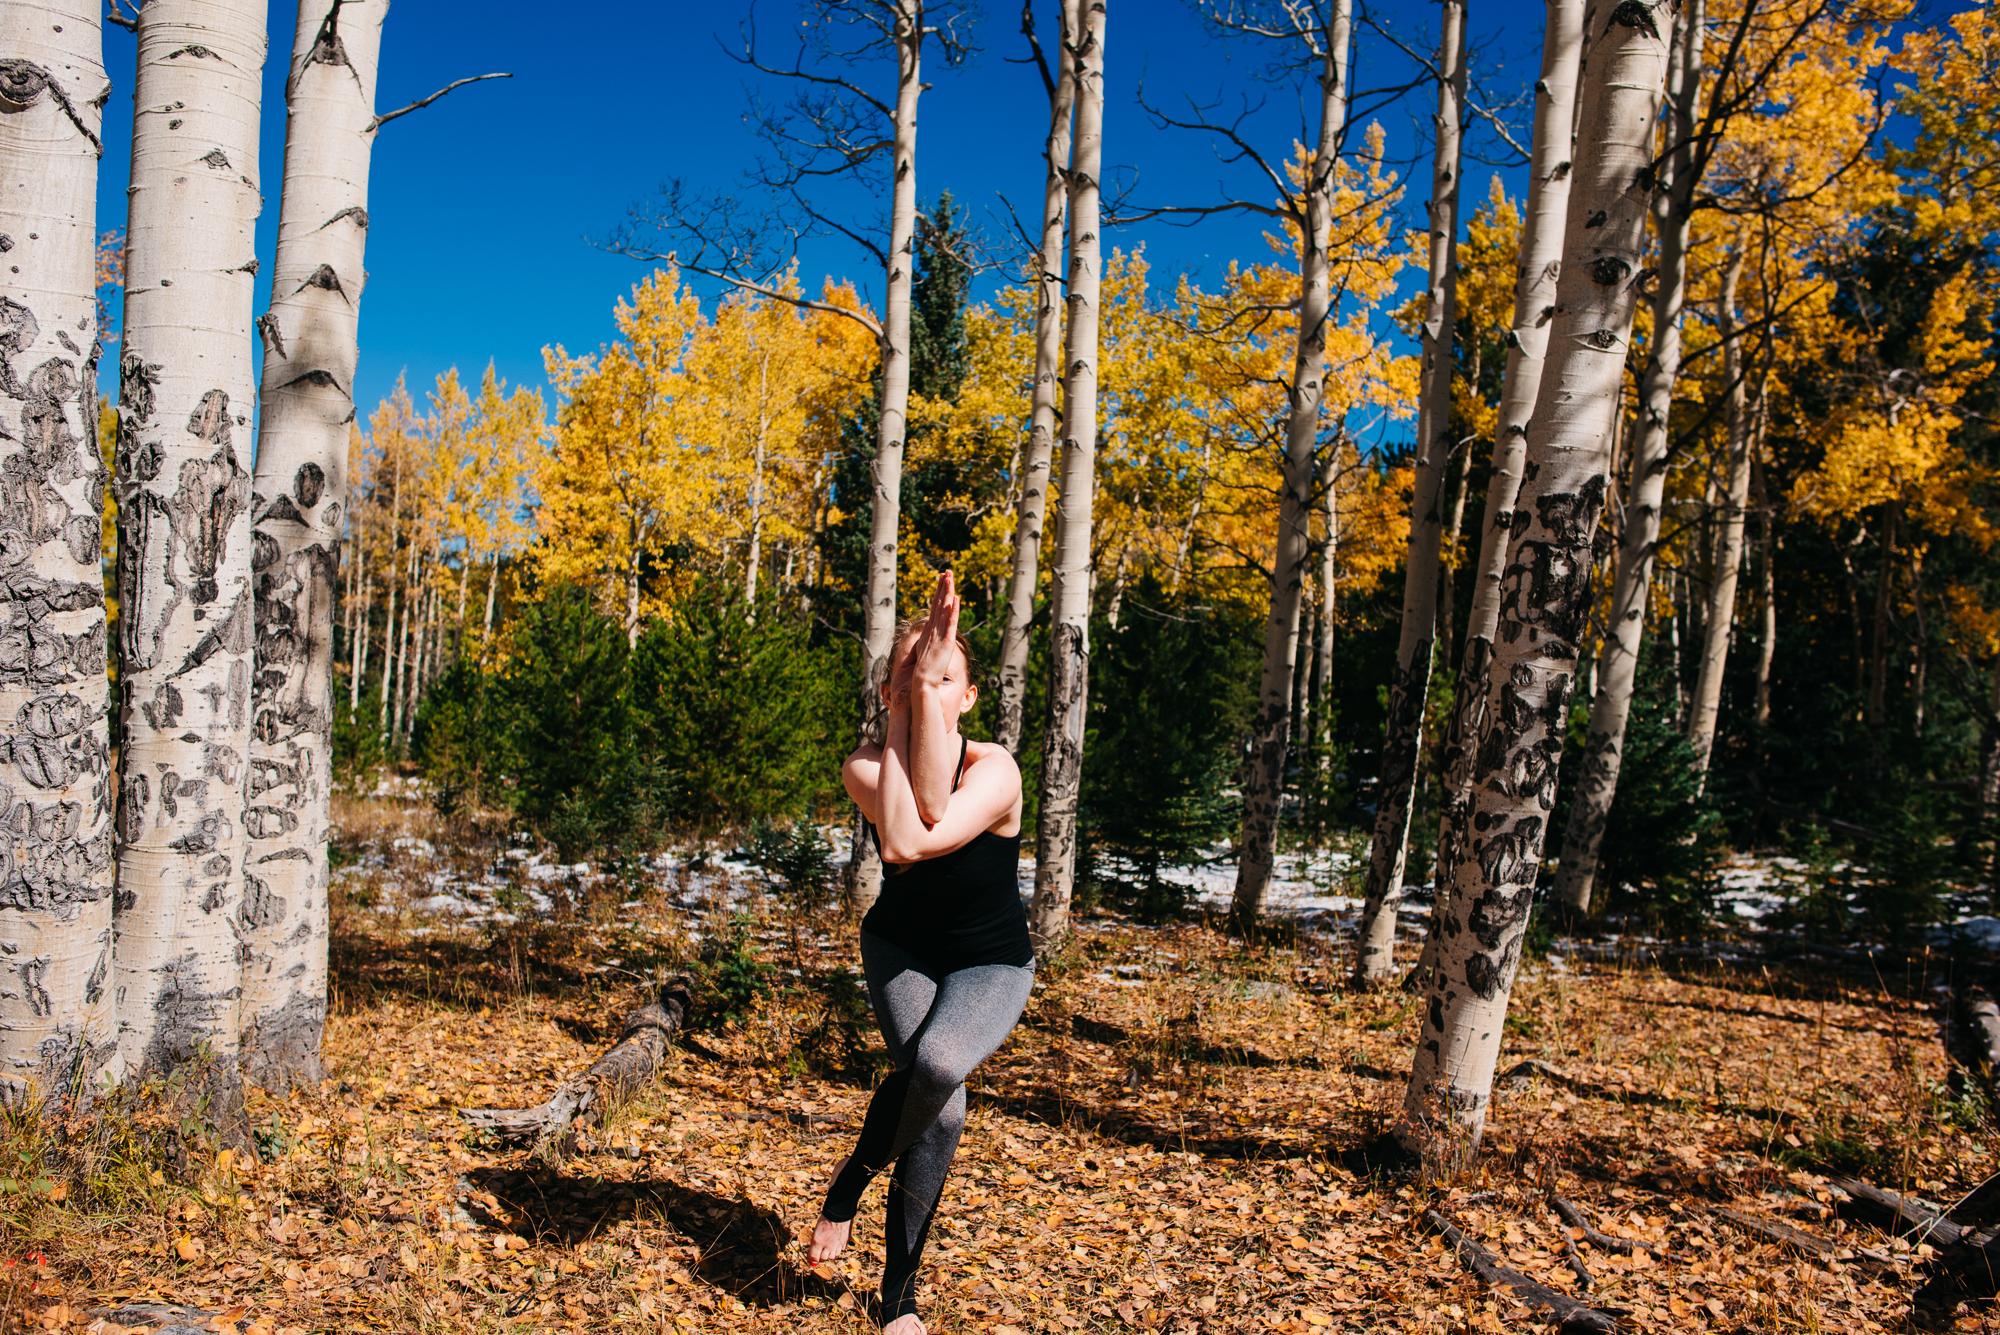 32-colorado-ballet-photographer-colorado-yoga-photographer-colorado-dance-photographer-denver-dance-photographer-denver-yoga-photographer-traveling-dance-photographerDSC_6707.jpg